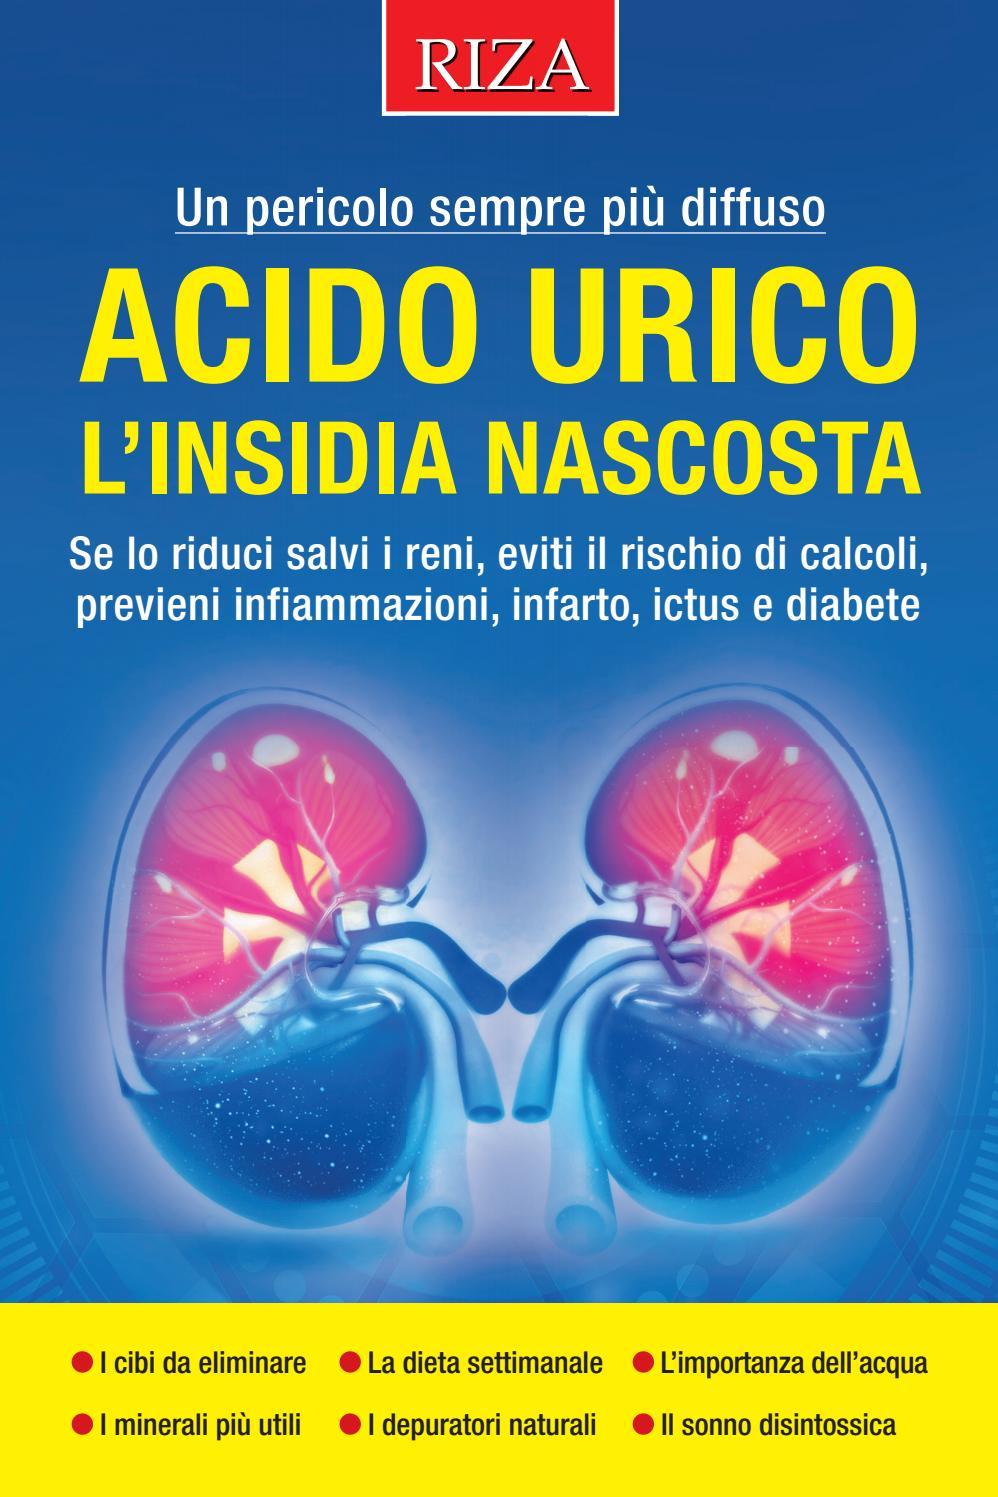 alimentazione colesterolo e acido urico